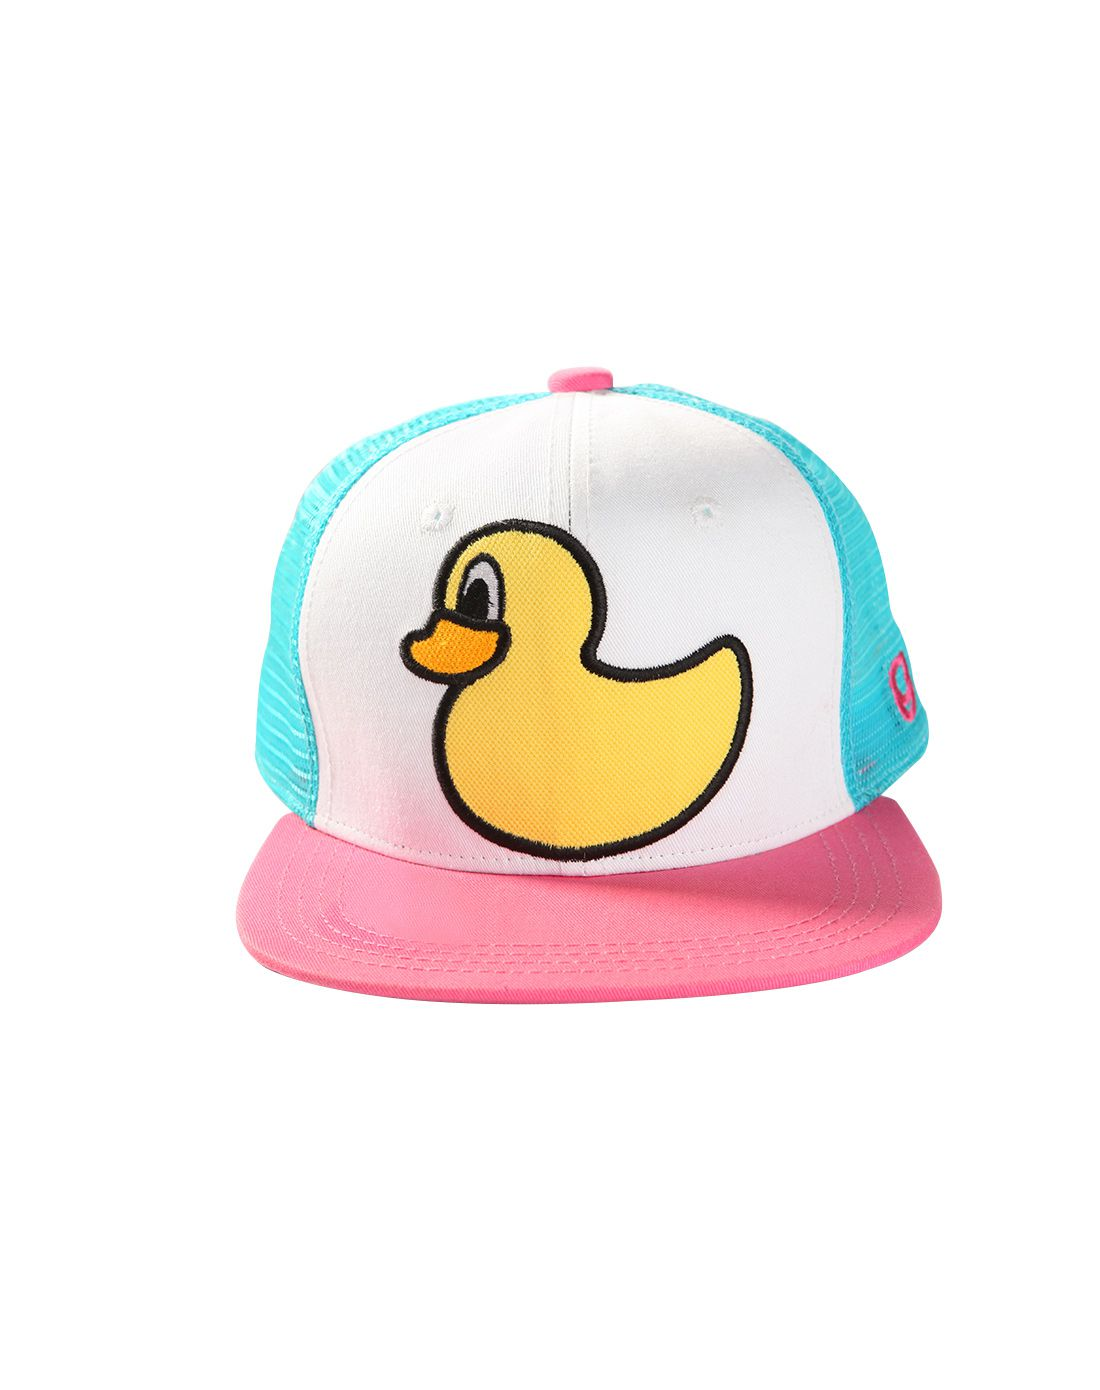 韩国潮牌 大黄鸭 经典logo款 男女款棒球帽